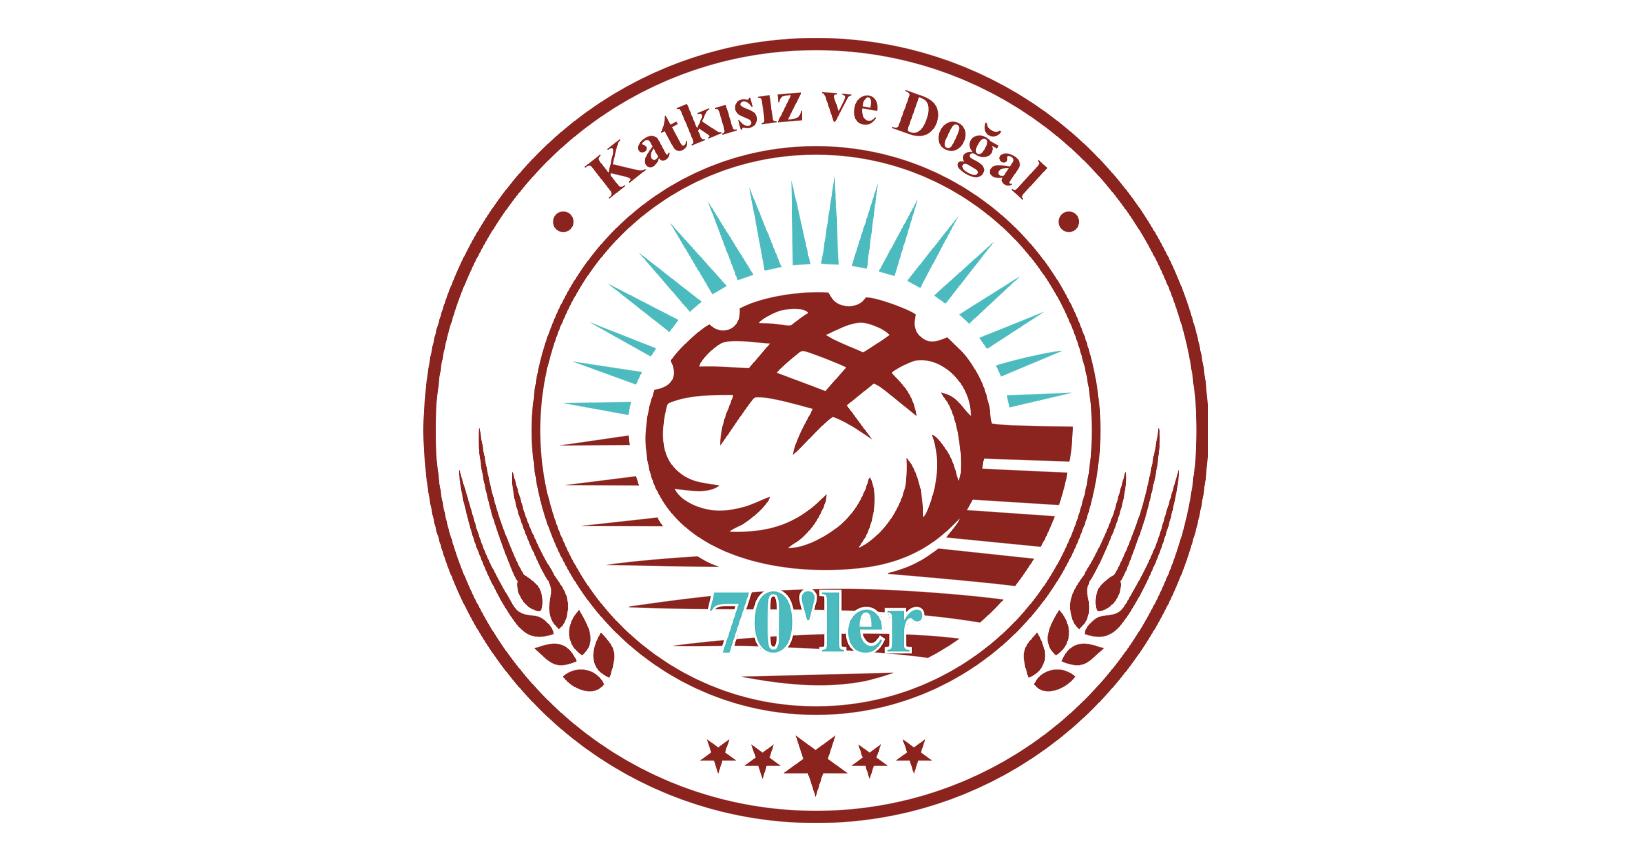 kaptanlarun-70ler-yetmislerun-logo